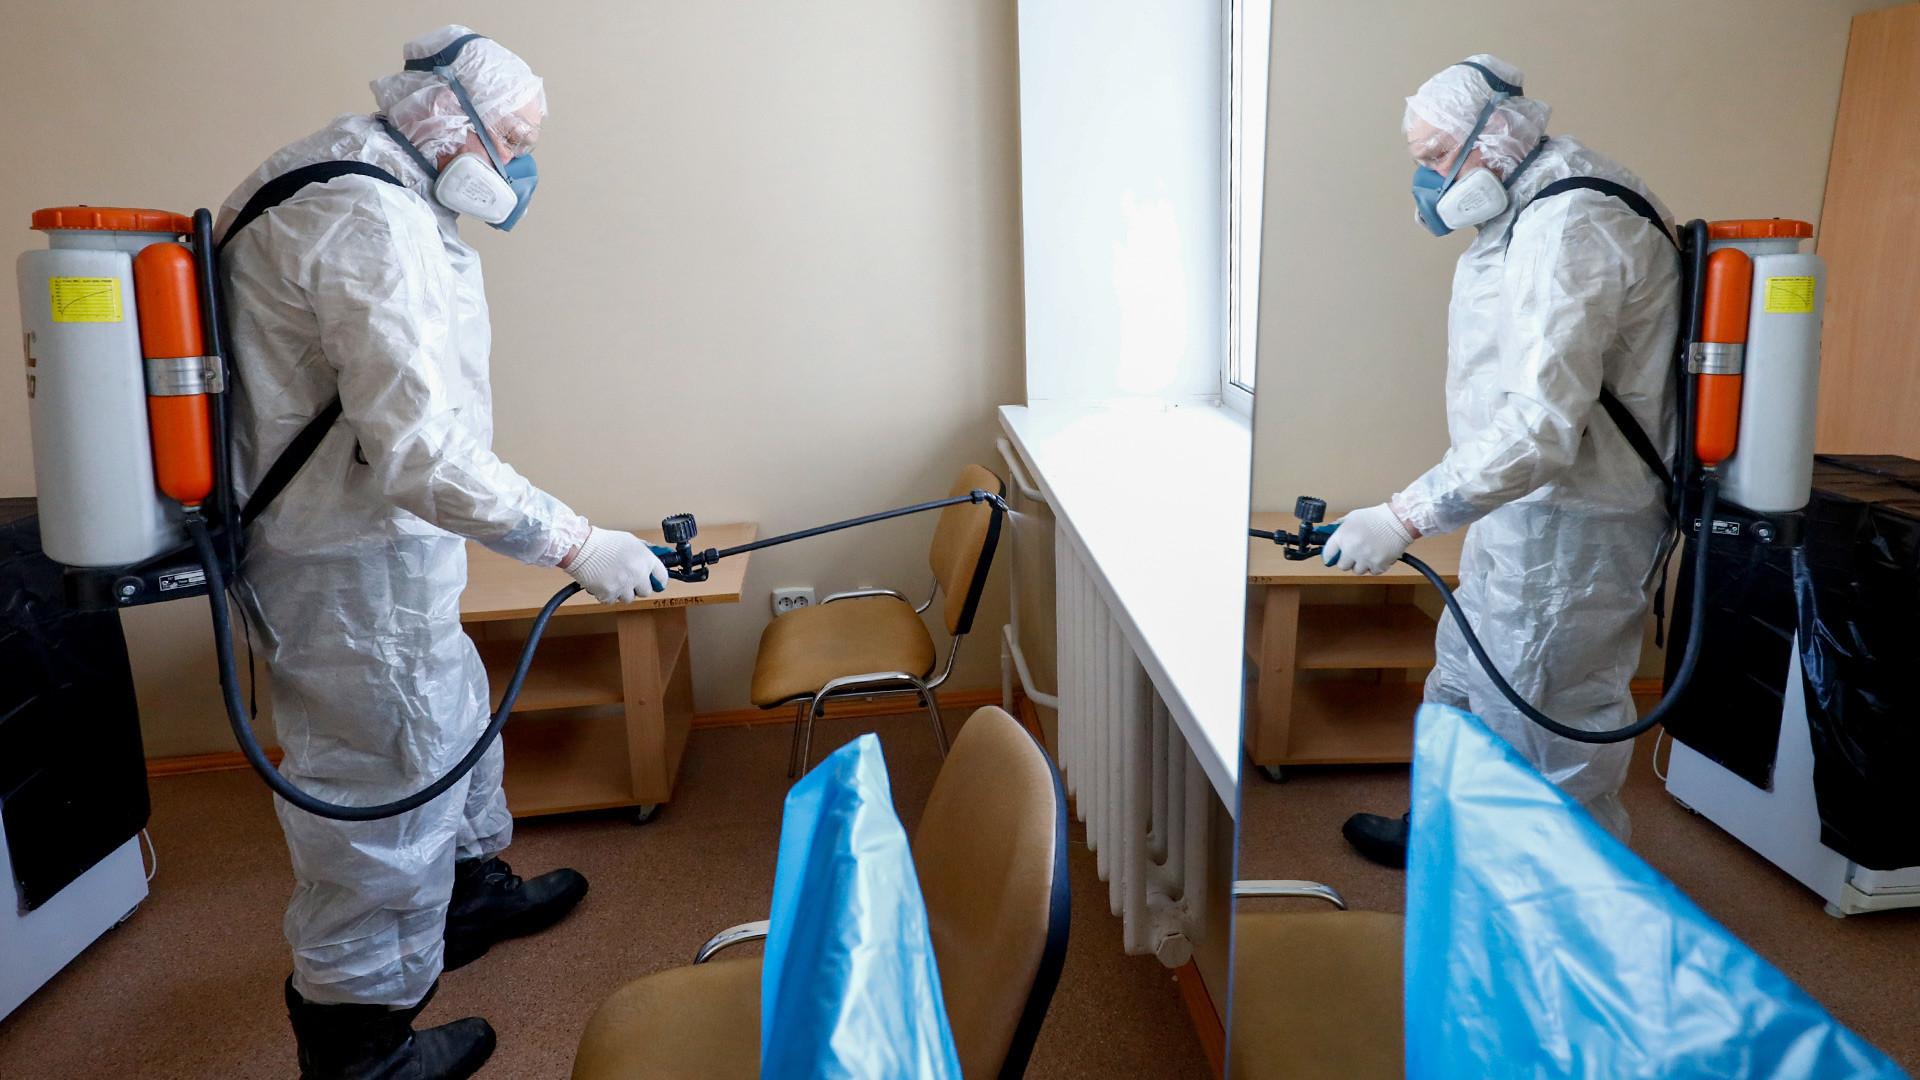 Desinfecção após quarentena na região de Tiumen